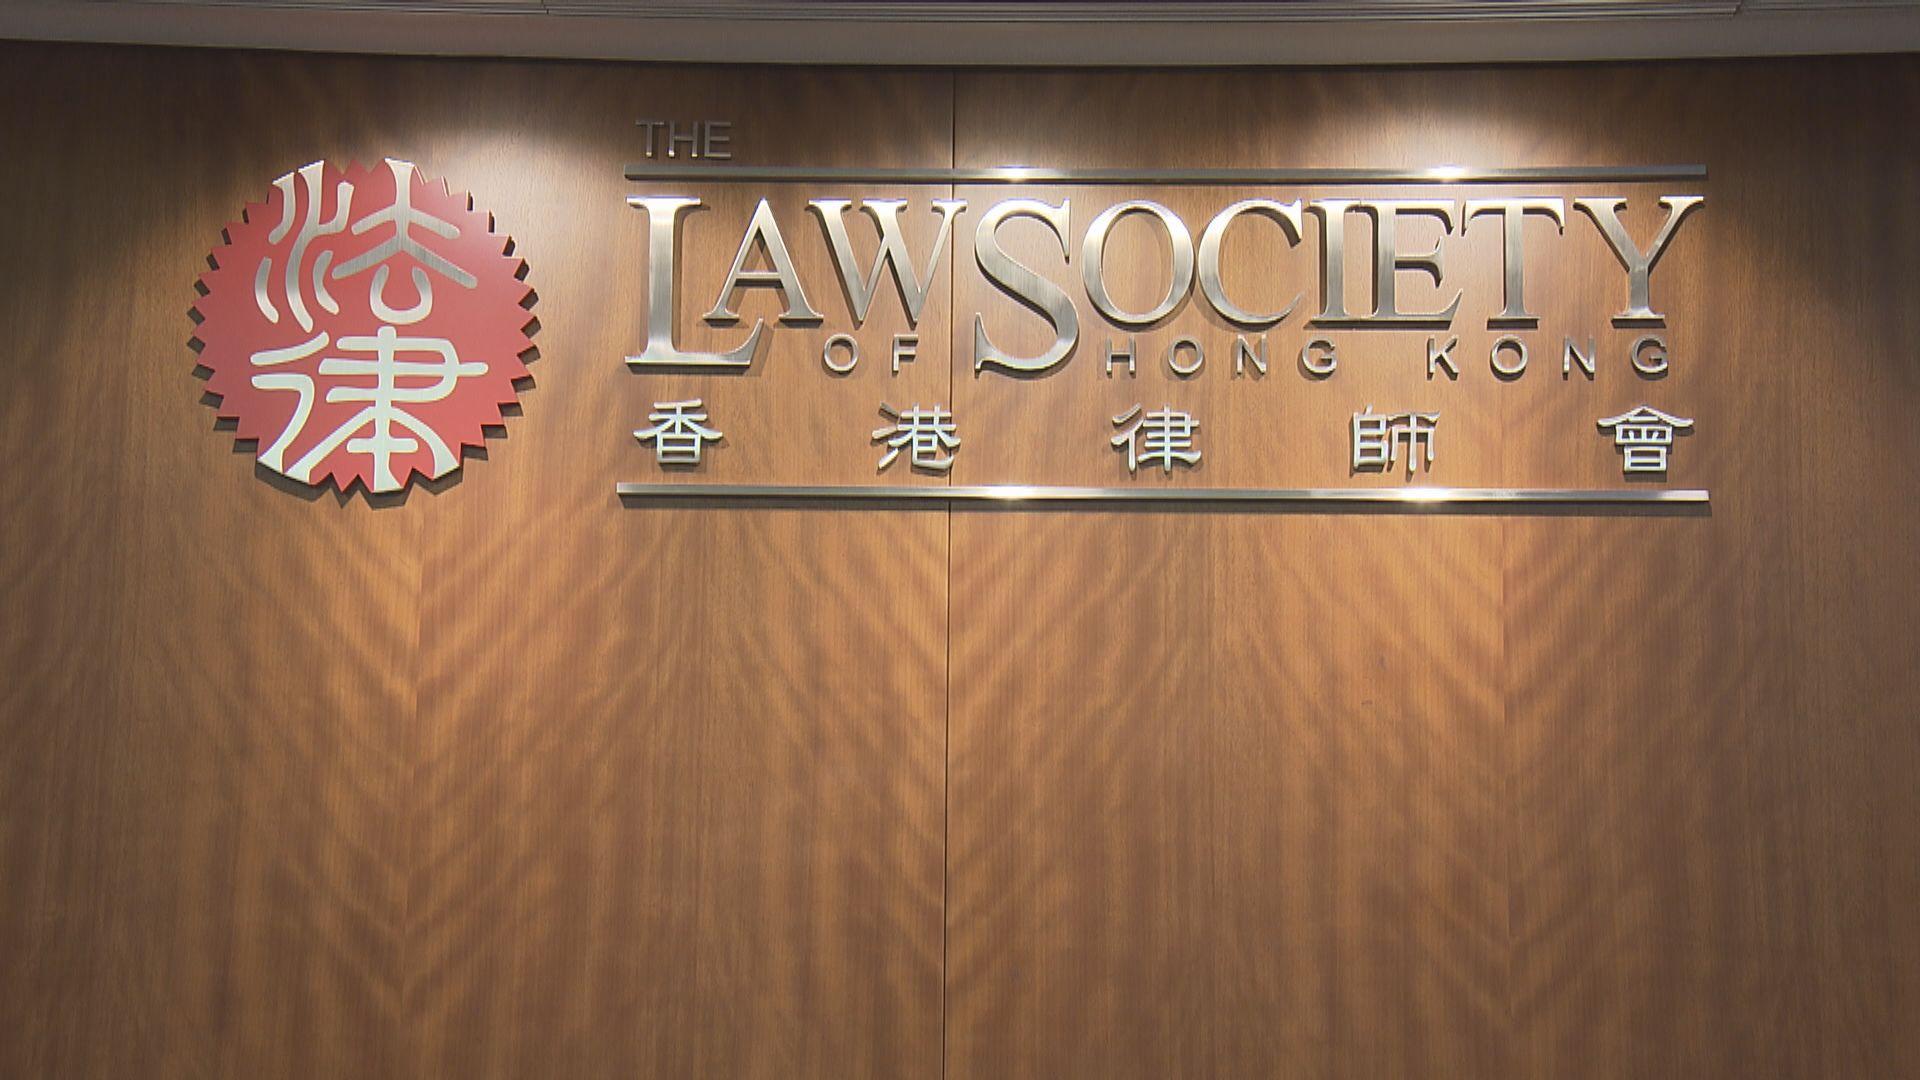 律師會發聲明 要求政府交代取消議員資格的法律依據